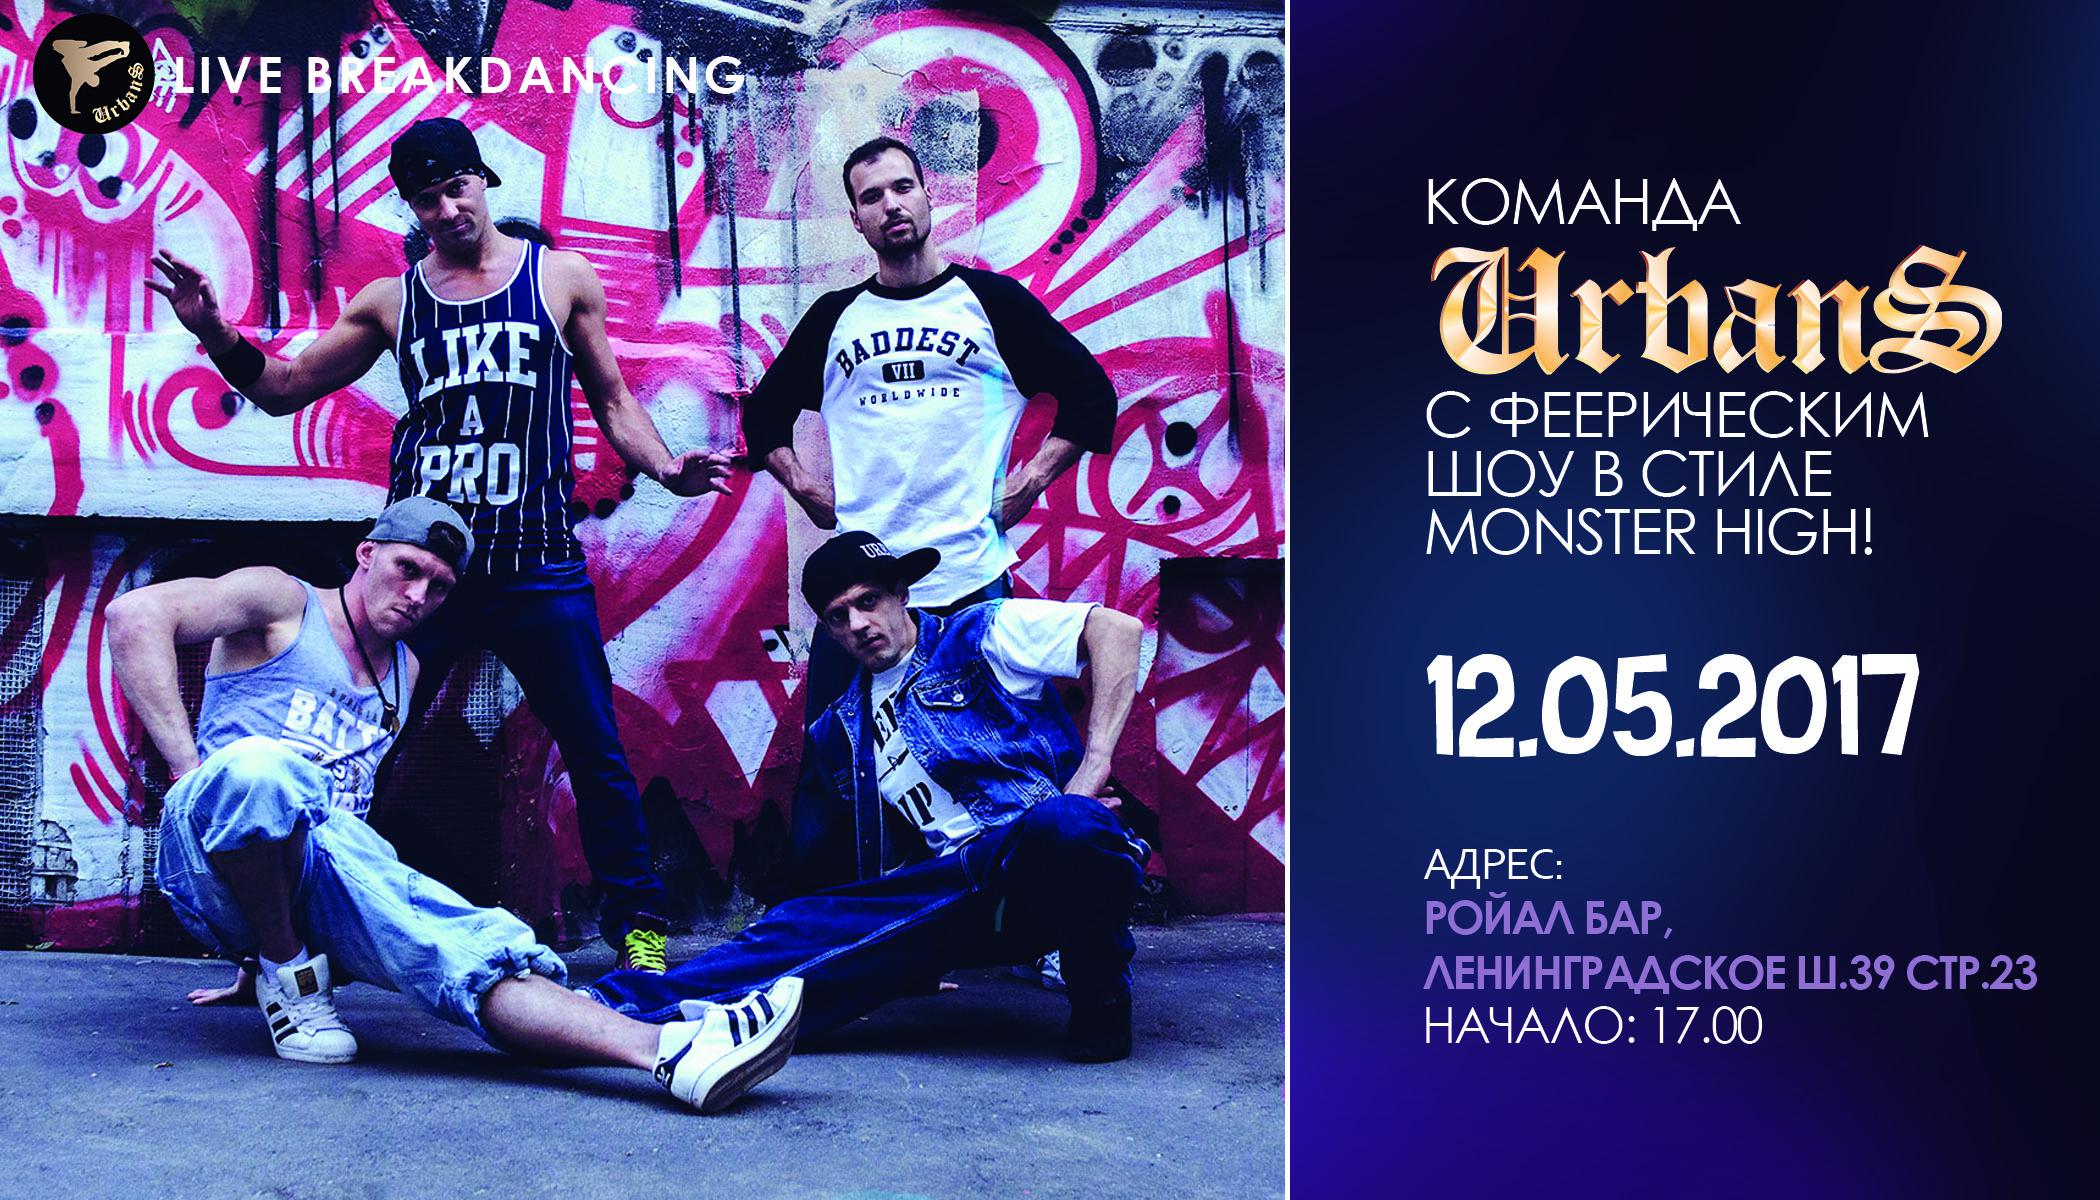 Феерическое шоу в стиле Monster High, Ройал бар